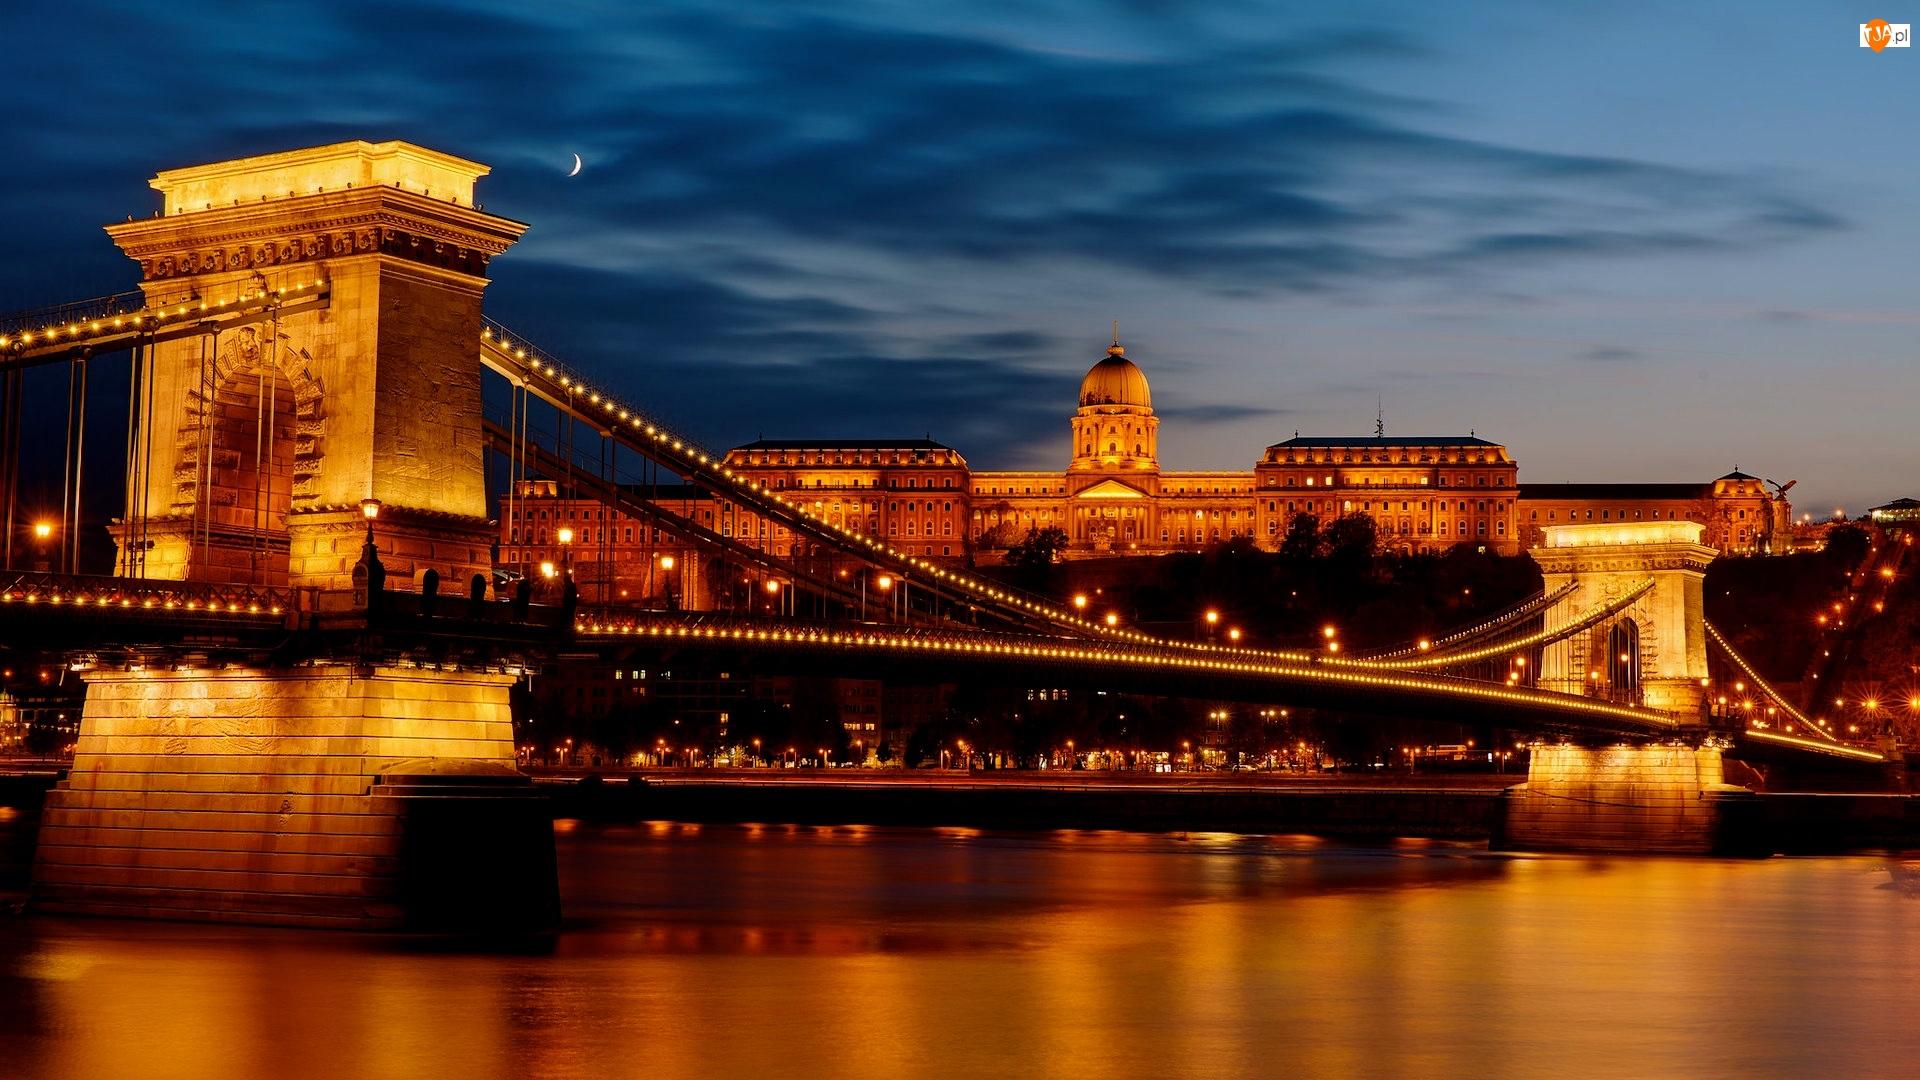 Budapeszt, Rzeka Dunaj, Światła, Węgry, Noc, Parlament, Most Łańcuchowy